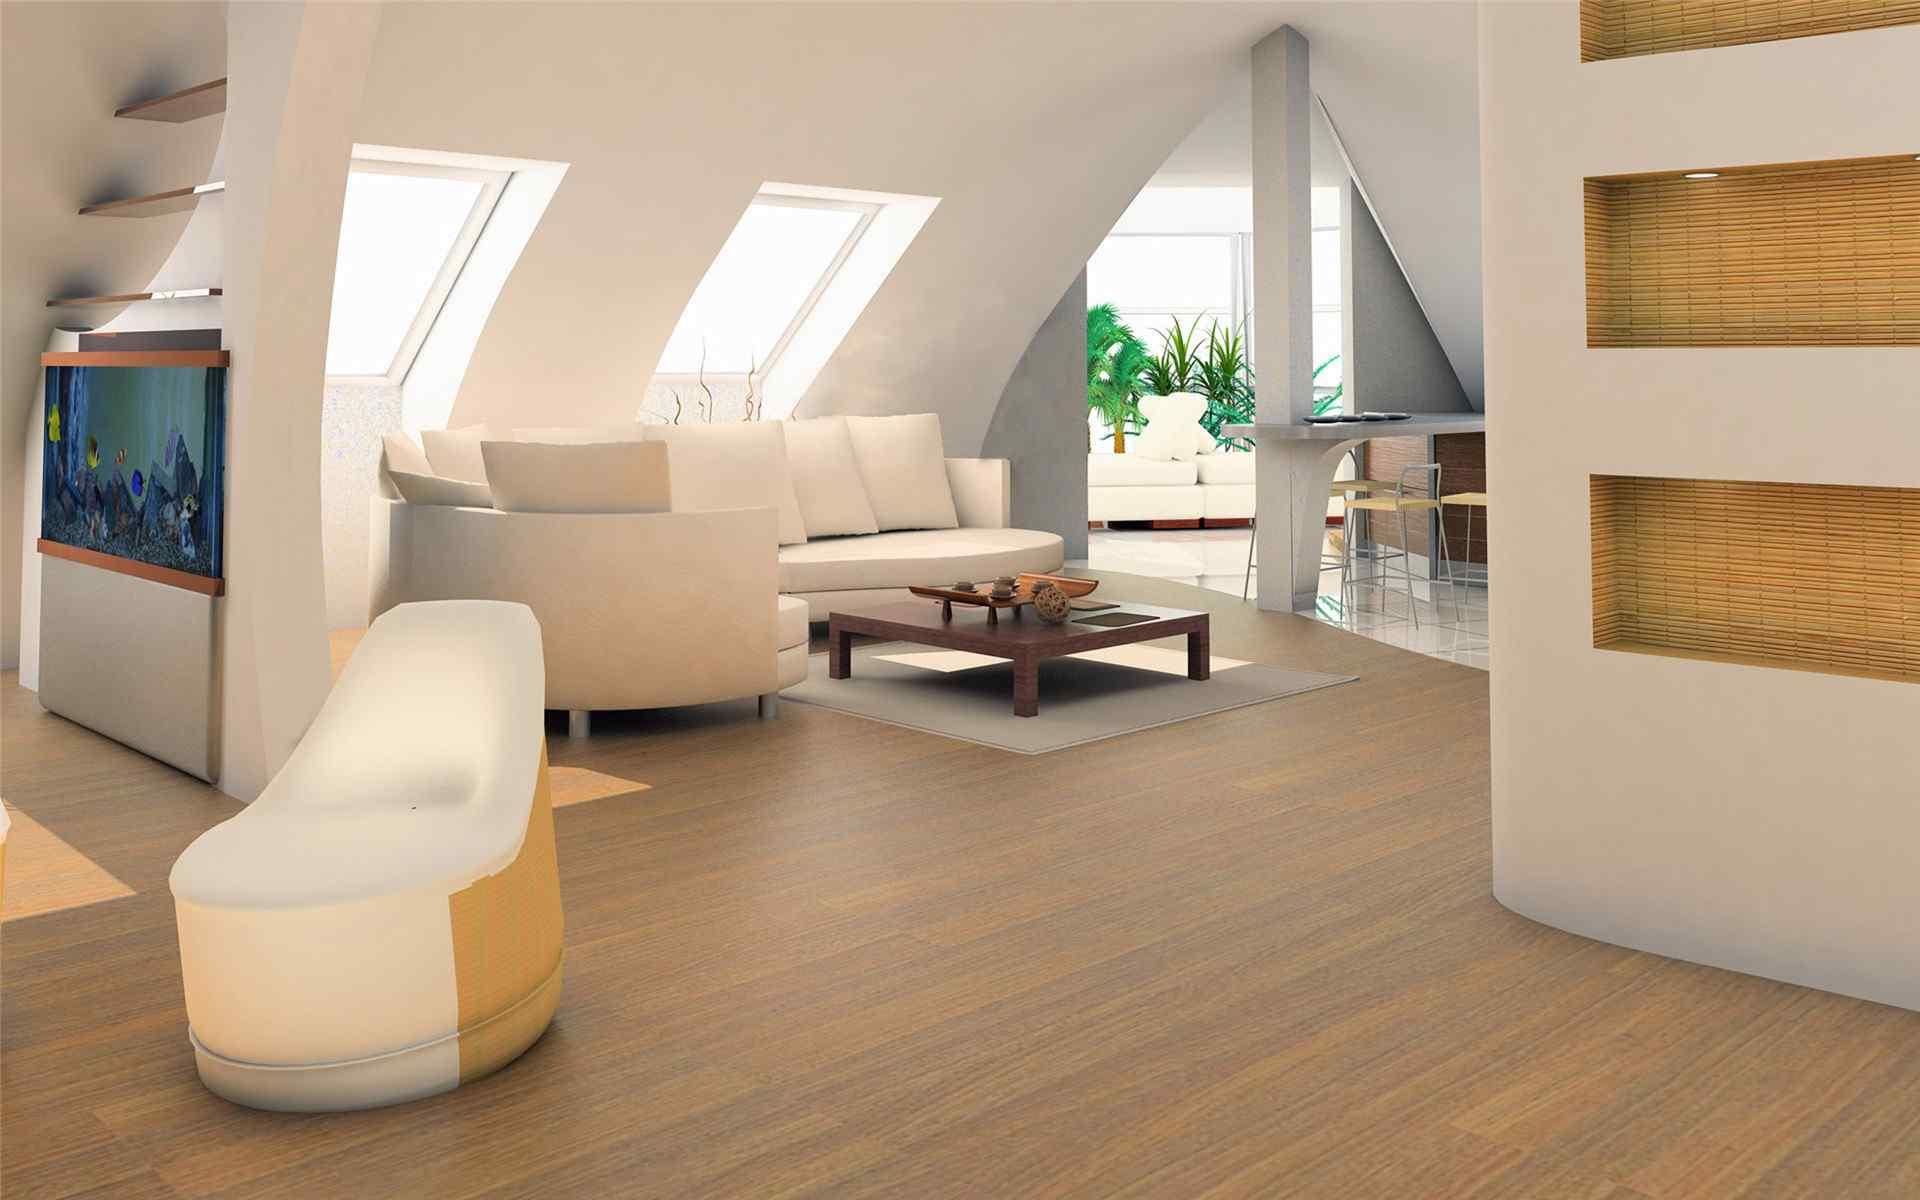 白色简约家居背景-简约白色室内设计图片壁纸5下载图片